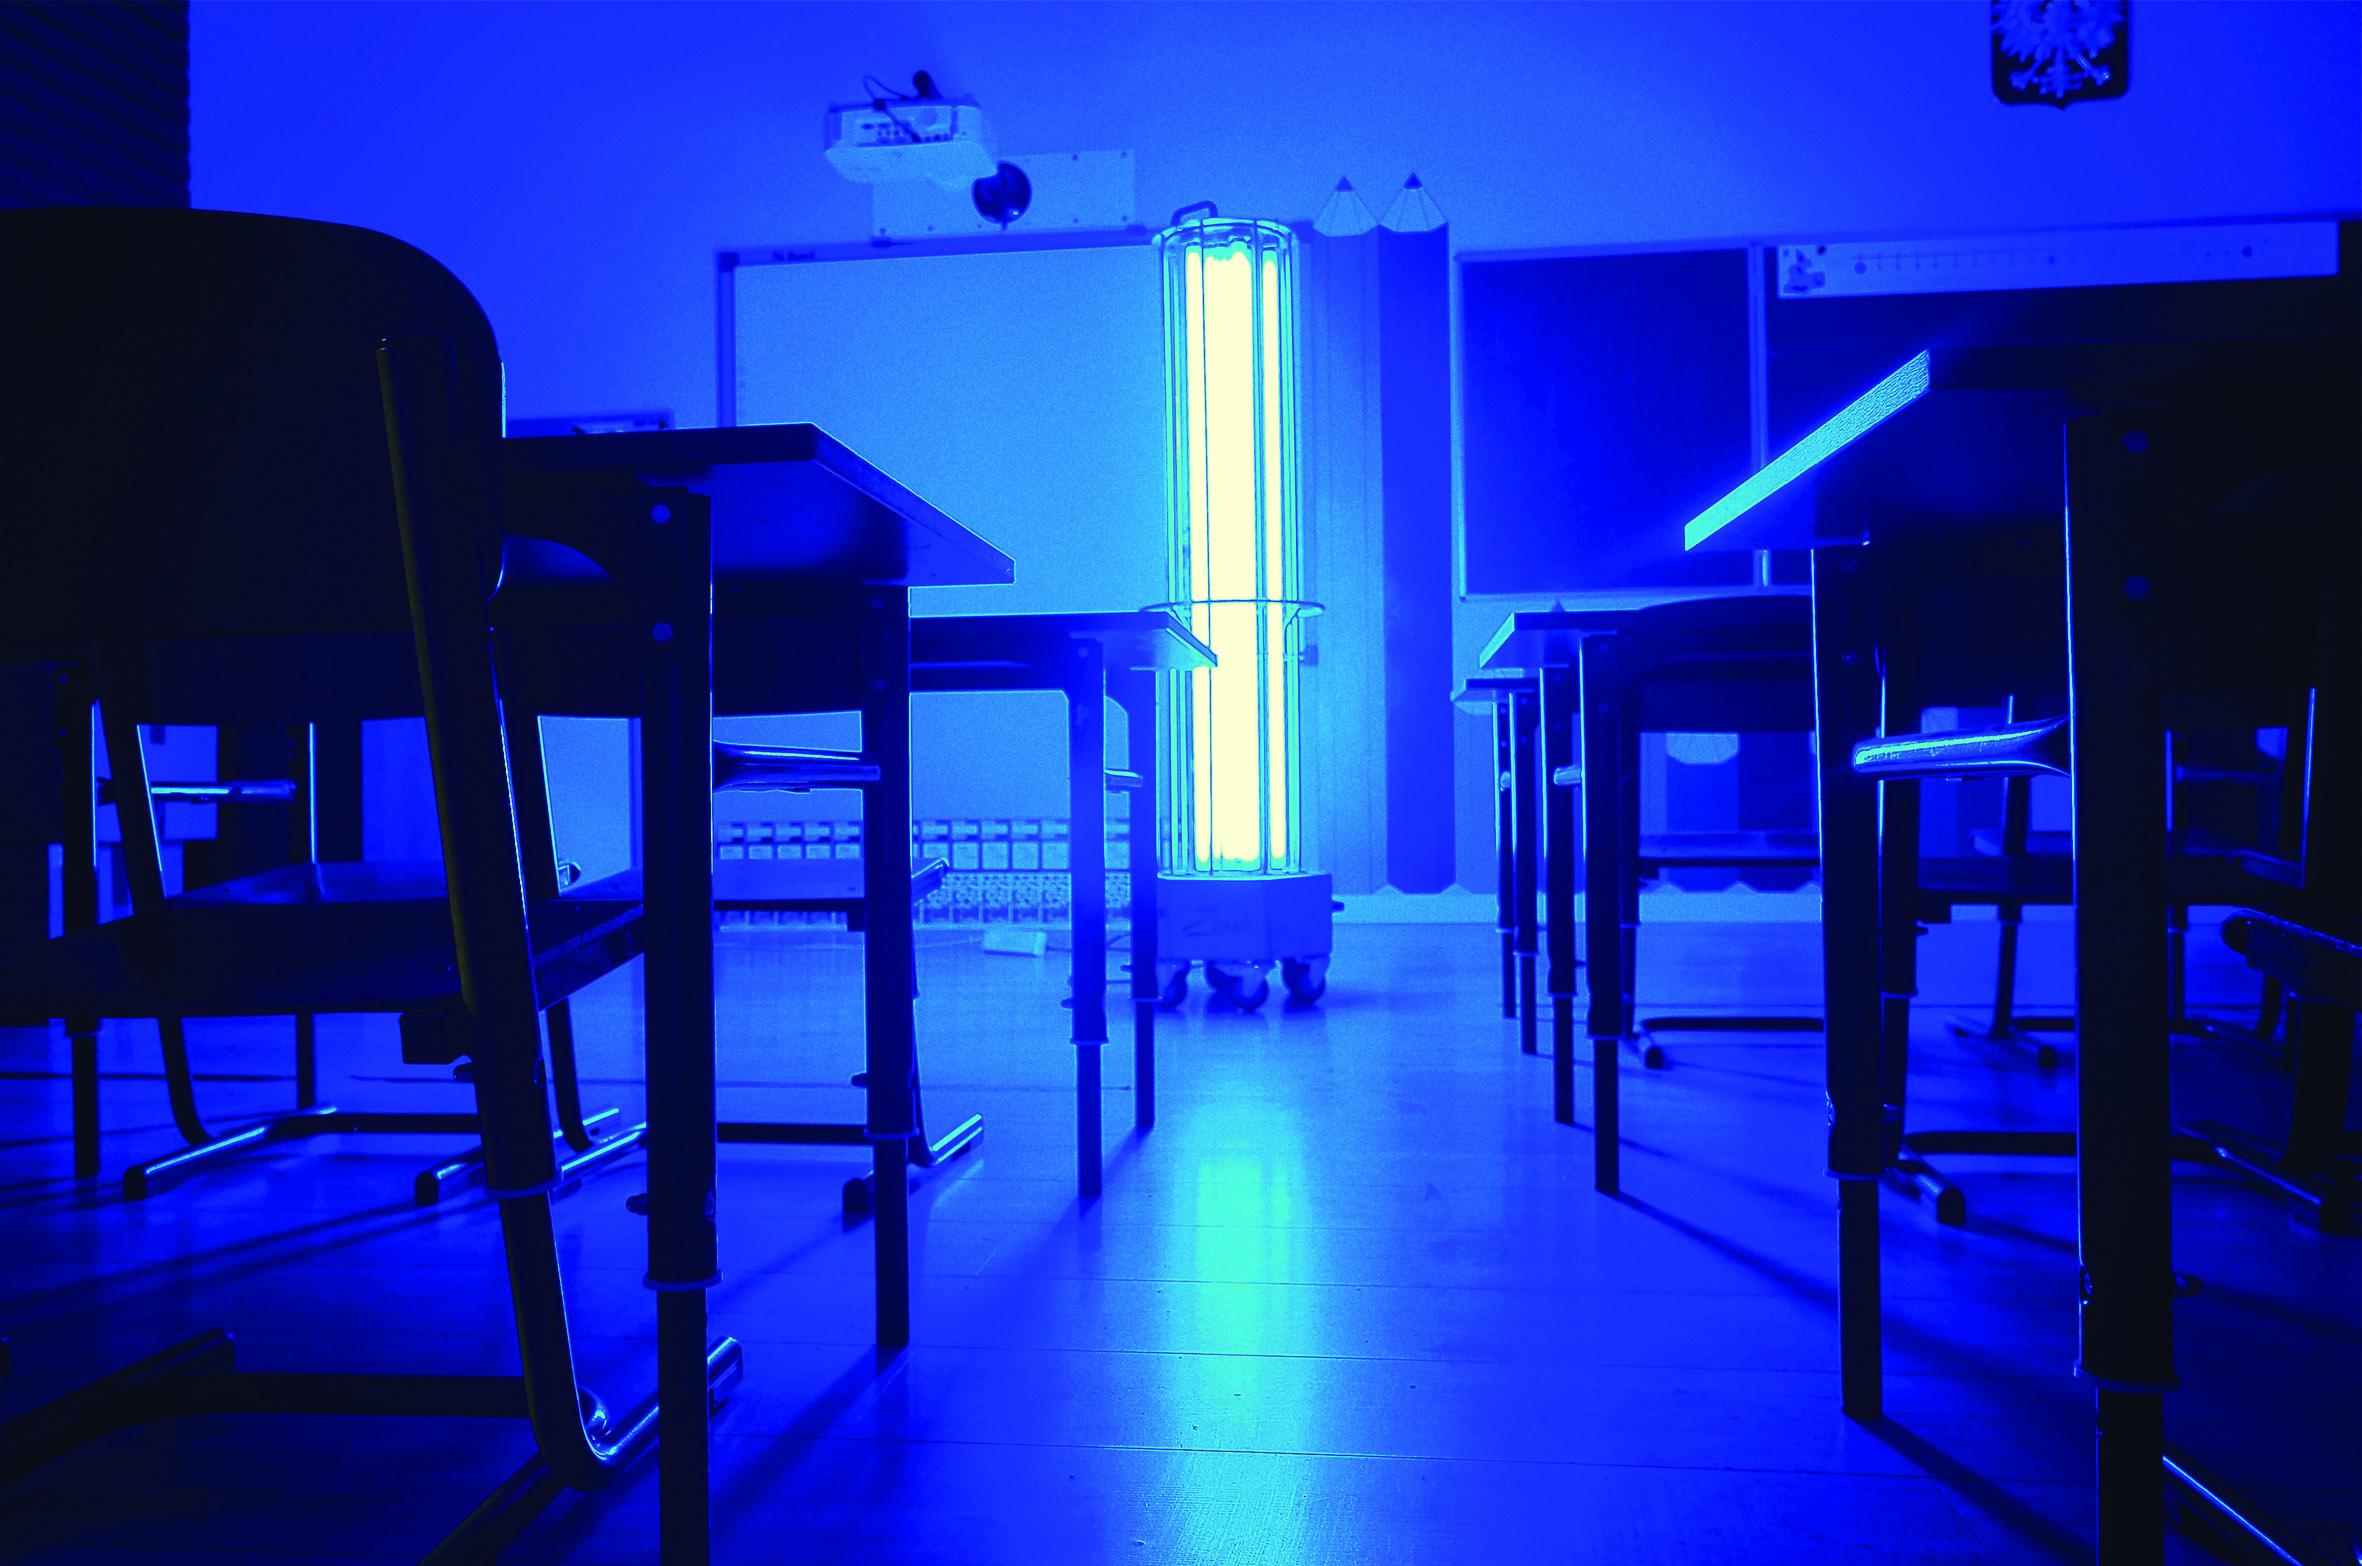 Większe bezpieczeństwo dla uczniów, nauczycieli oraz rodziców. Nowe rozwiązania UV-C dla szkół.